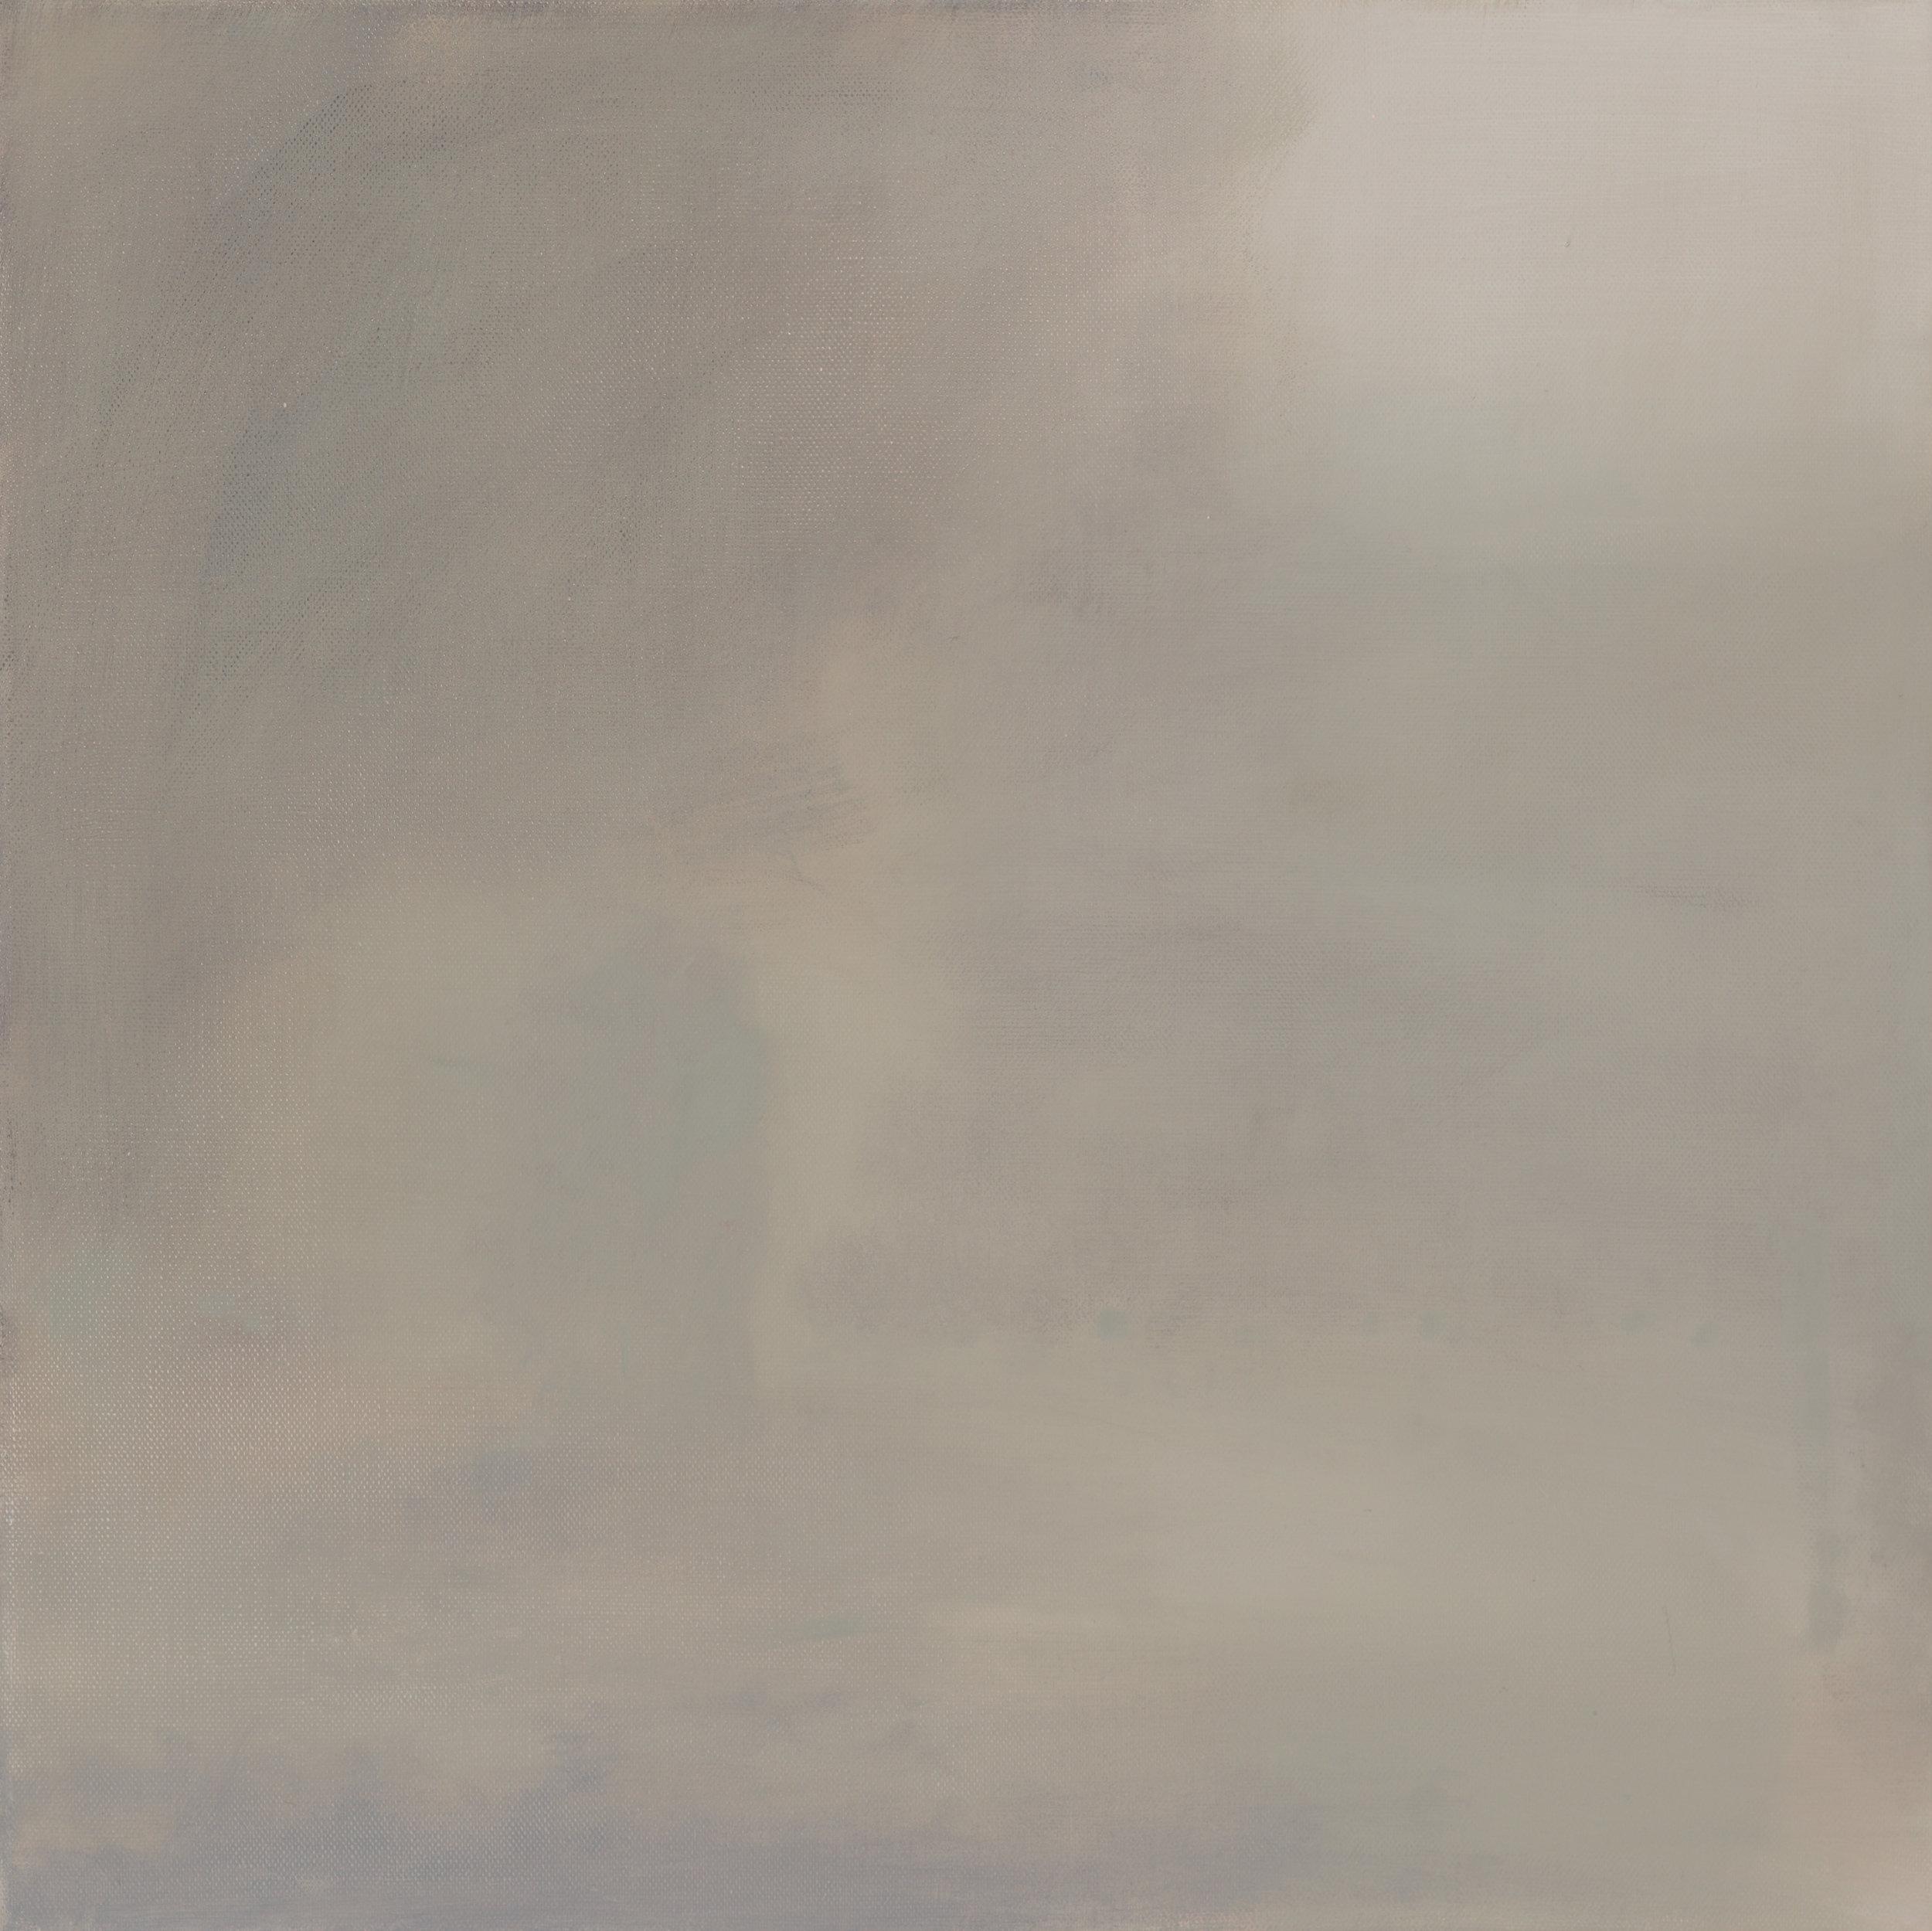 W.H. Robinson 450 x 450